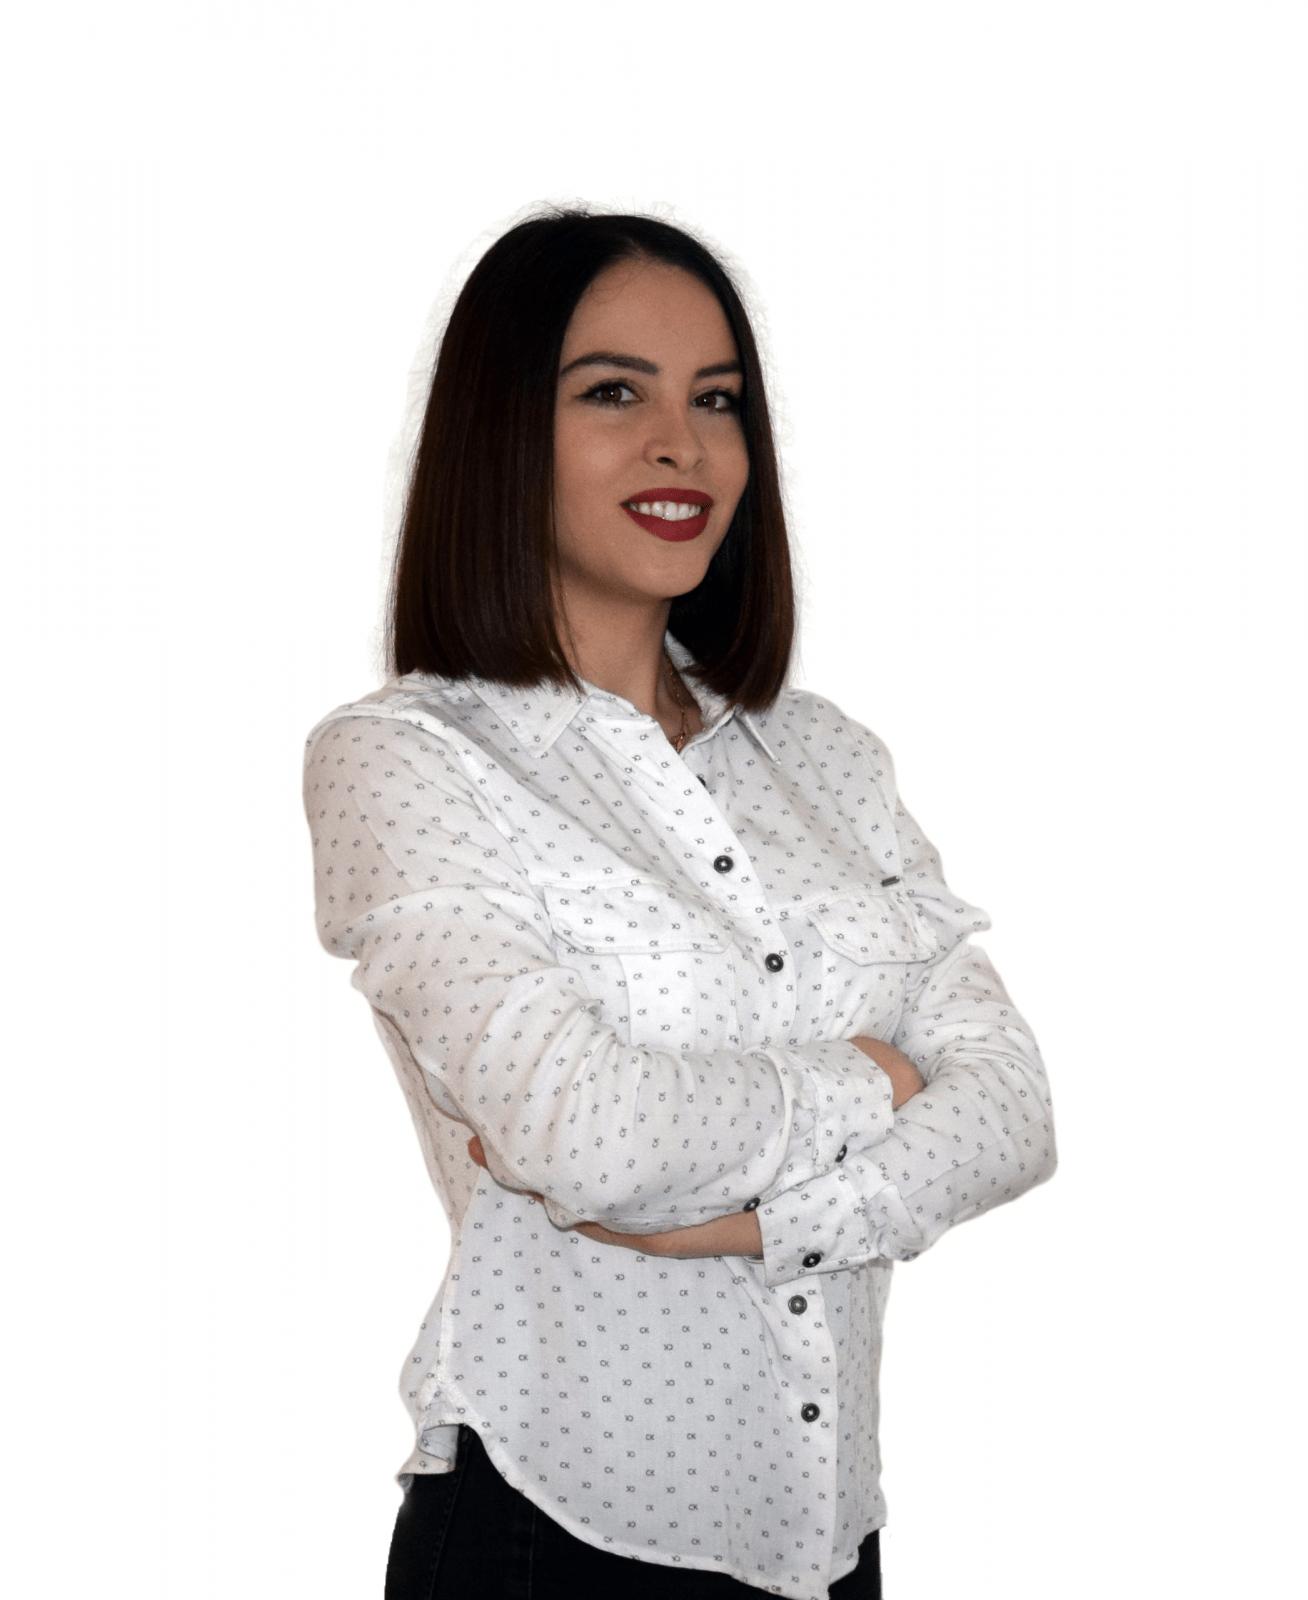 Gv Marketing è un'agenzia di comunicazione, o web agency, a Grottaferrata Frascati Monte Porzio Ciampino. Spcializzata nella realizzazione di siti web a Grottaferrata, social media marketing, web design, web marketing, SEO, campagna di web e social media marketing.